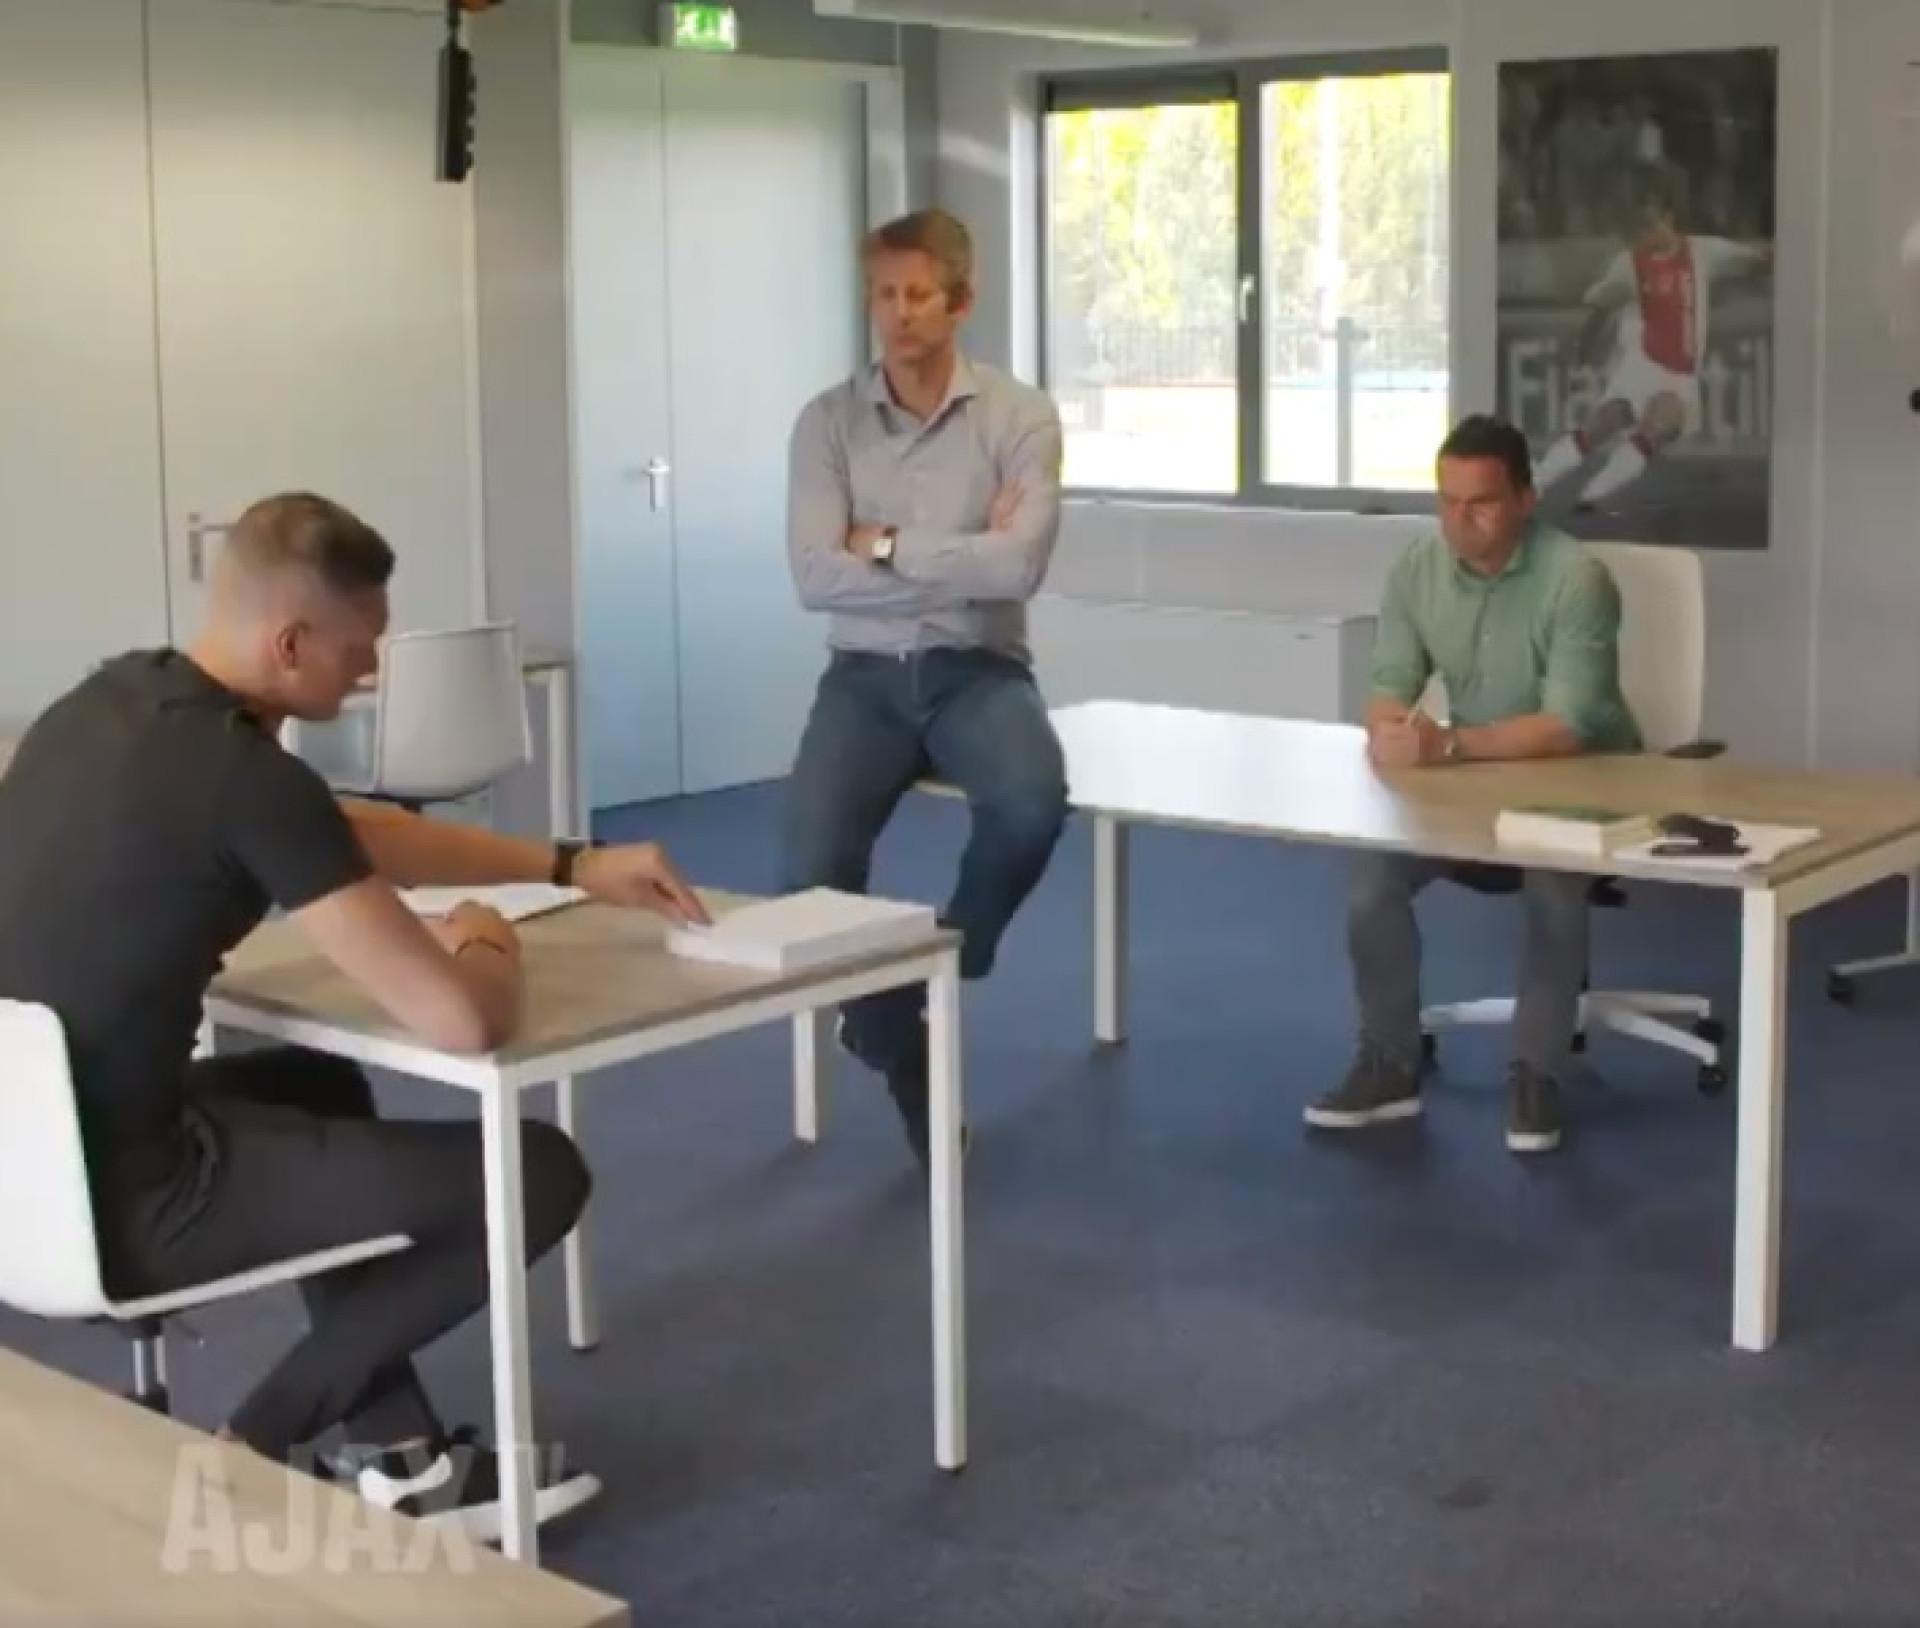 Ajax obriga reforço a escrever 100 vezes que clube é o melhor da Holanda